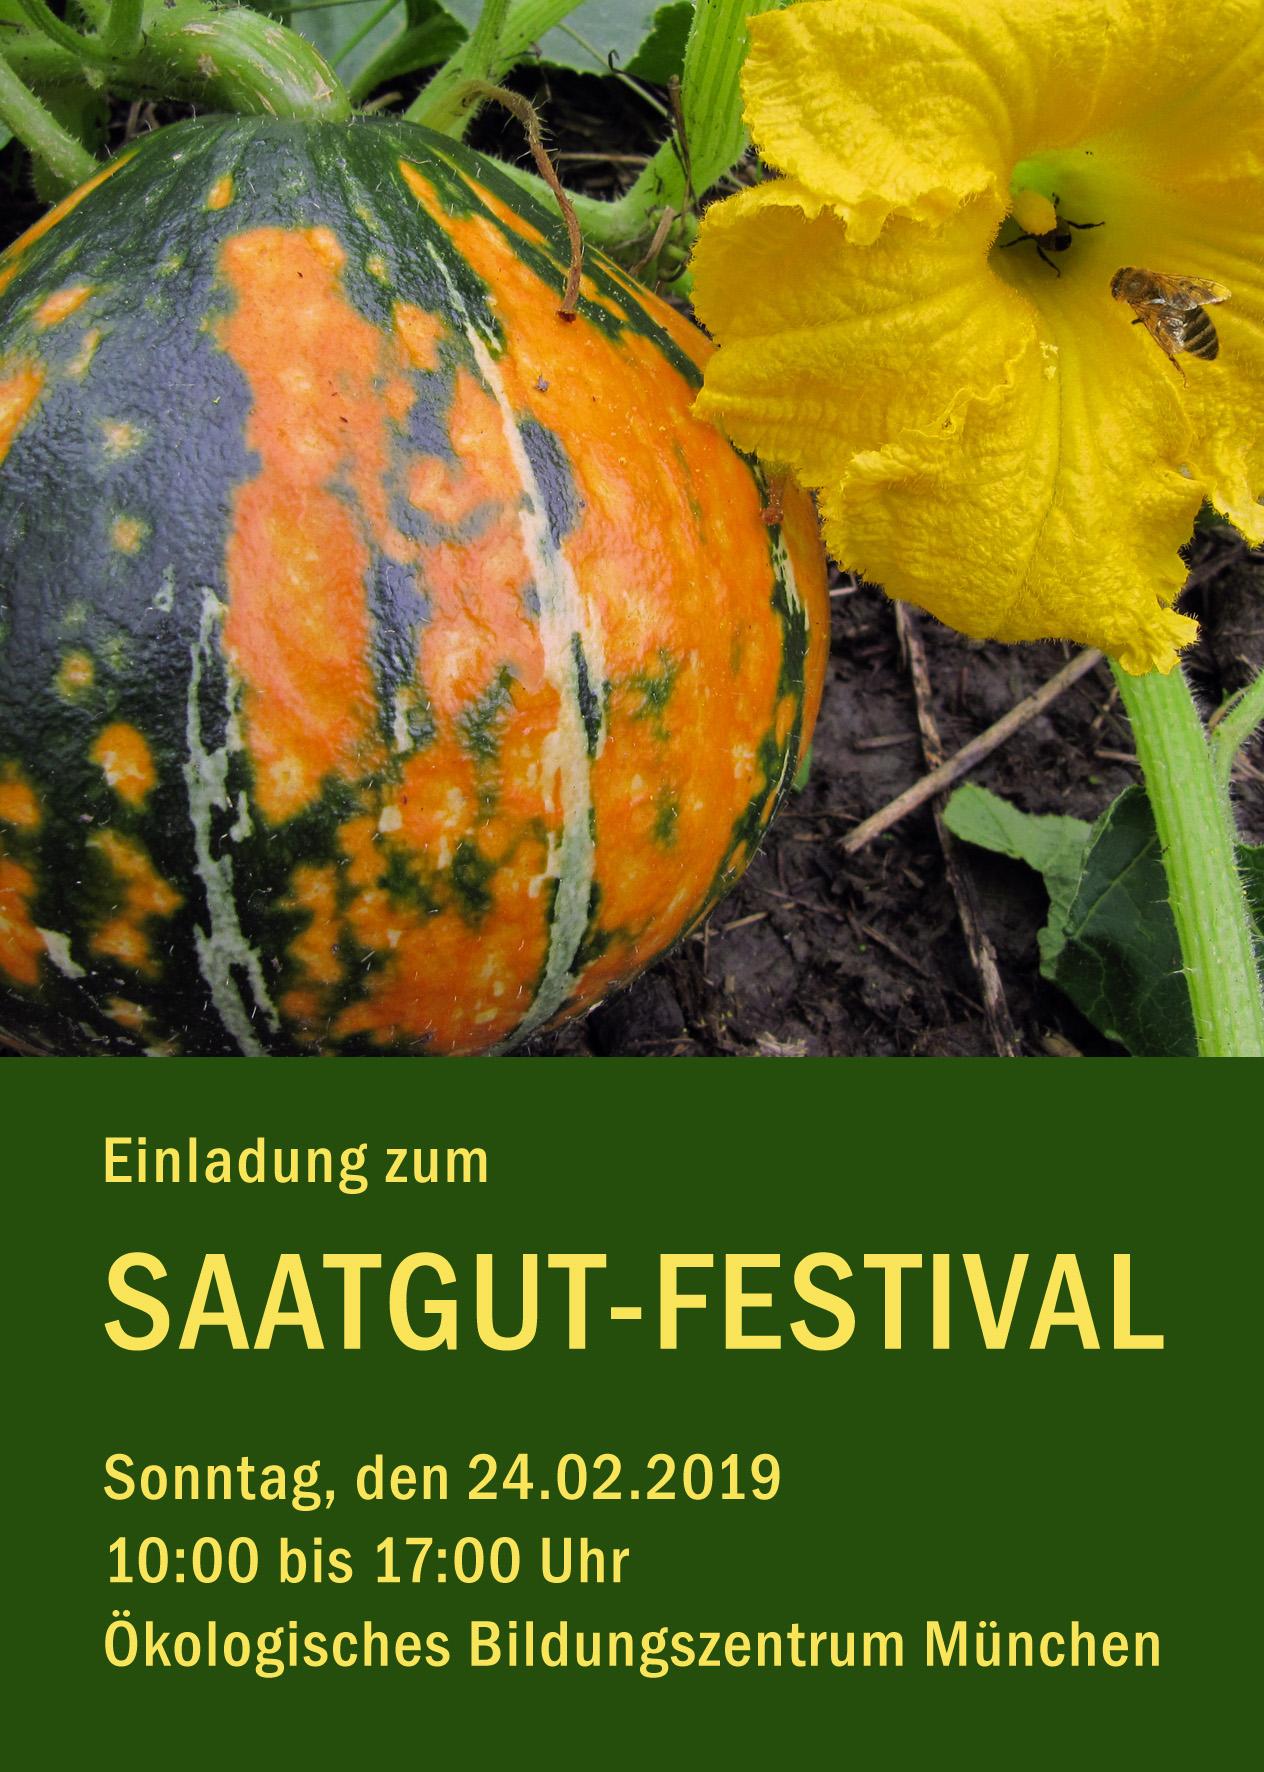 Saatgut-Festival 2019